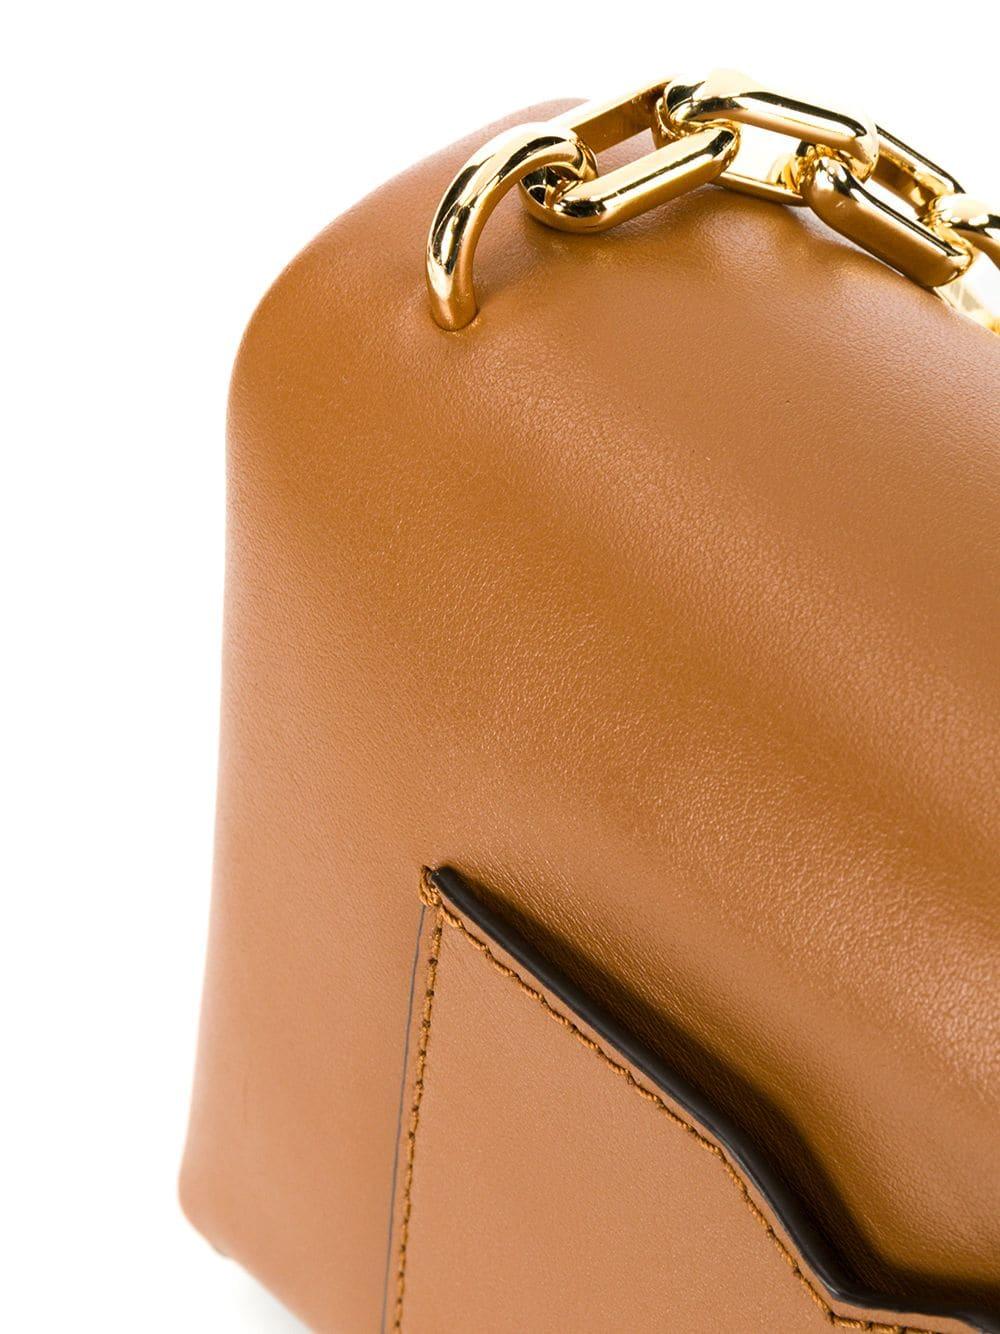 Túi xách Michael Kors hàng hiệu nữ Cece Mini Acorn Xs Chain Xbody Bag, túi xách Michael Kors hàng hiệu nữ, túi xách Mk mini màu nâu, túi xách MK đeo chéo màu nâu, giỏ xách Michael Kors mini đeo chéo